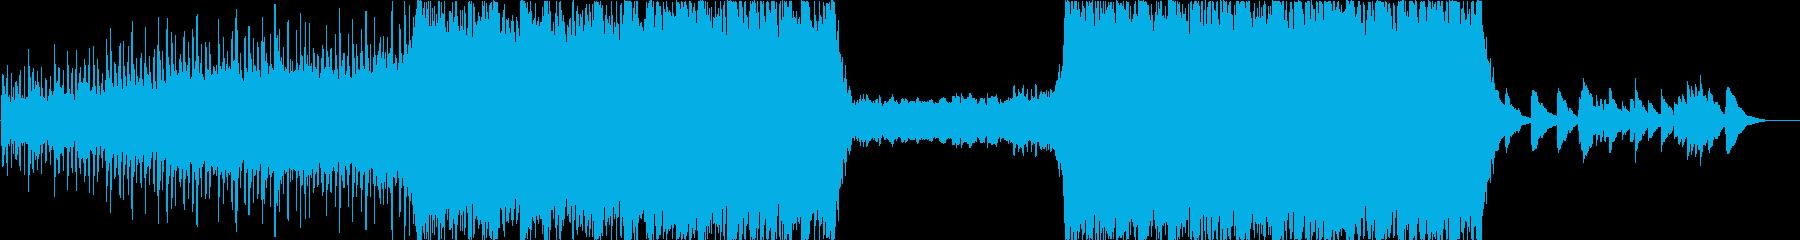 現代の交響曲 厳Sol ファンタジ...の再生済みの波形